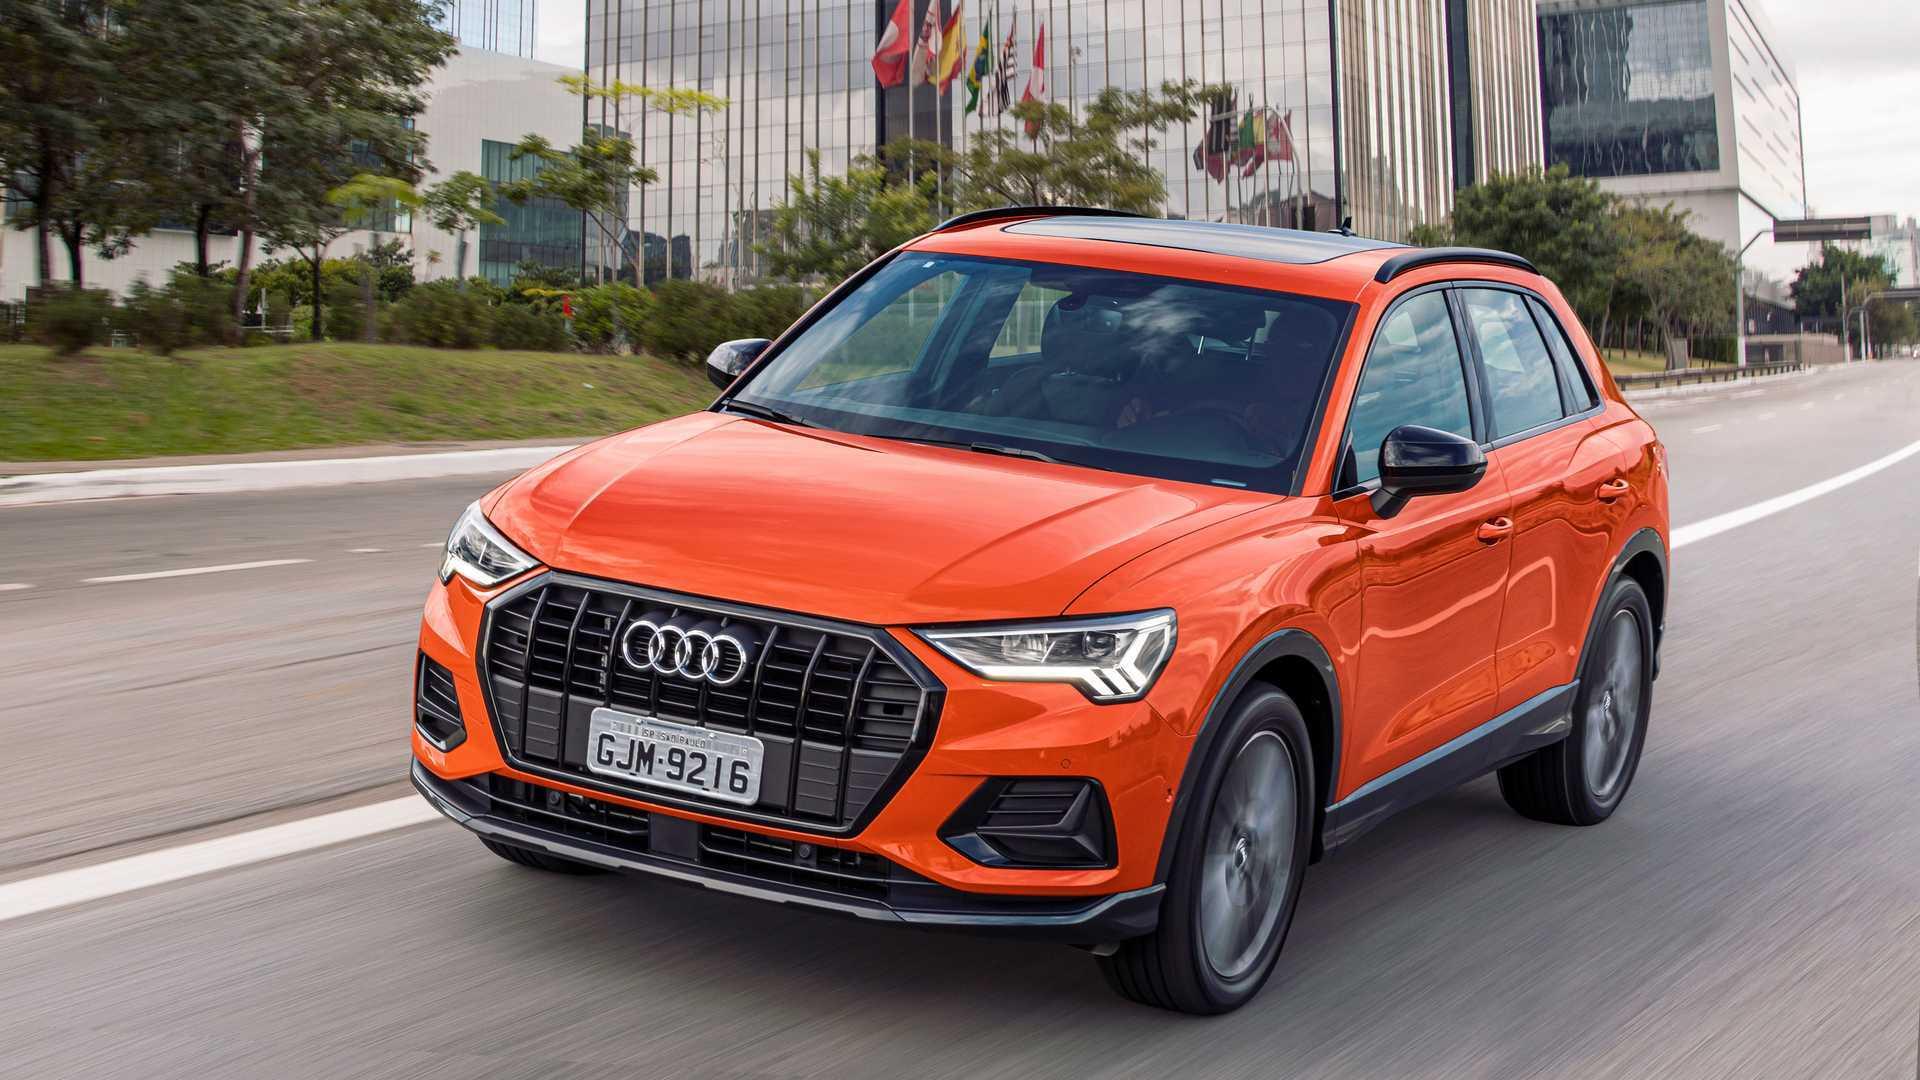 Novo Audi Q3 2020 E Lancado Com Motor 1 4 Turbo Por R 179 990